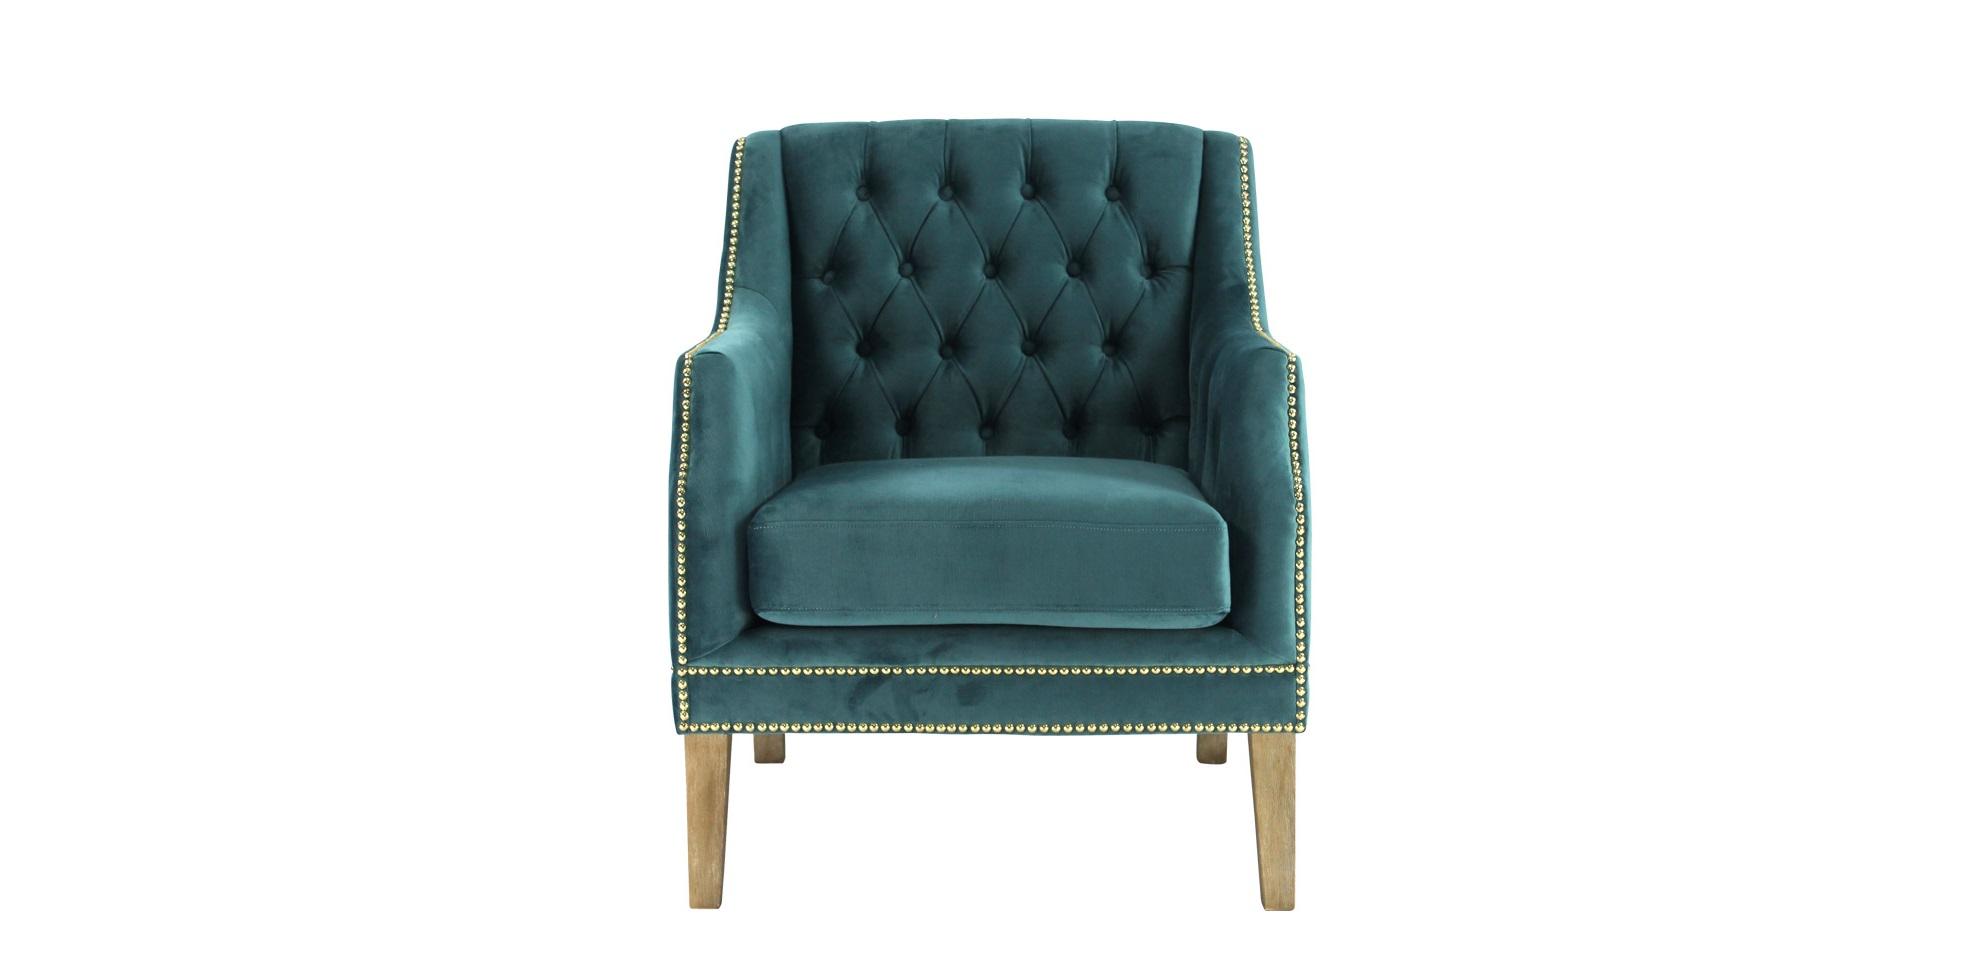 Кресло Camela ArmchairИнтерьерные кресла<br>Кресло изумрудно-зеленого цвета&amp;amp;nbsp;&amp;lt;span style=&amp;quot;line-height: 24.9999px;&amp;quot;&amp;gt;во французском стиле&amp;lt;/span&amp;gt;&amp;amp;nbsp;подчеркнет безупречный вкус обладателя. Его&amp;amp;nbsp;украшают аккуратная строчка из декоративных гвоздиков и элегантные ножки. &amp;quot;Camela Armchair&amp;quot; перенесет в атмосферу дворцового убранства. В таком кресле обязательно захочется помечтать о возвышенном или превратиться в королевскую особу.<br><br>Material: Вельвет<br>Width см: 71<br>Depth см: 84<br>Height см: 92